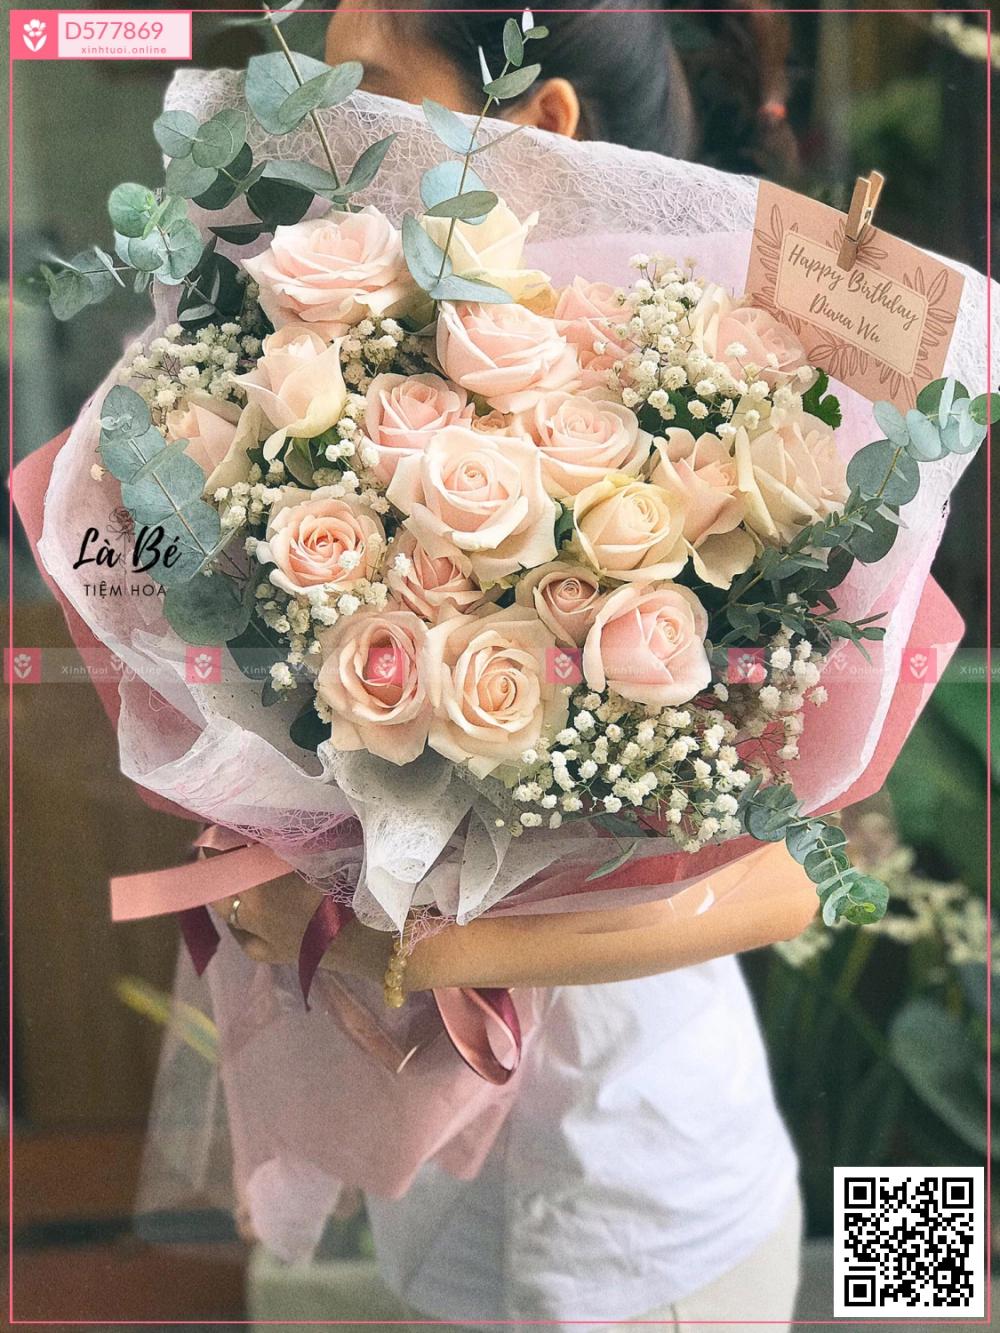 Thành công - D577869 - xinhtuoi.online